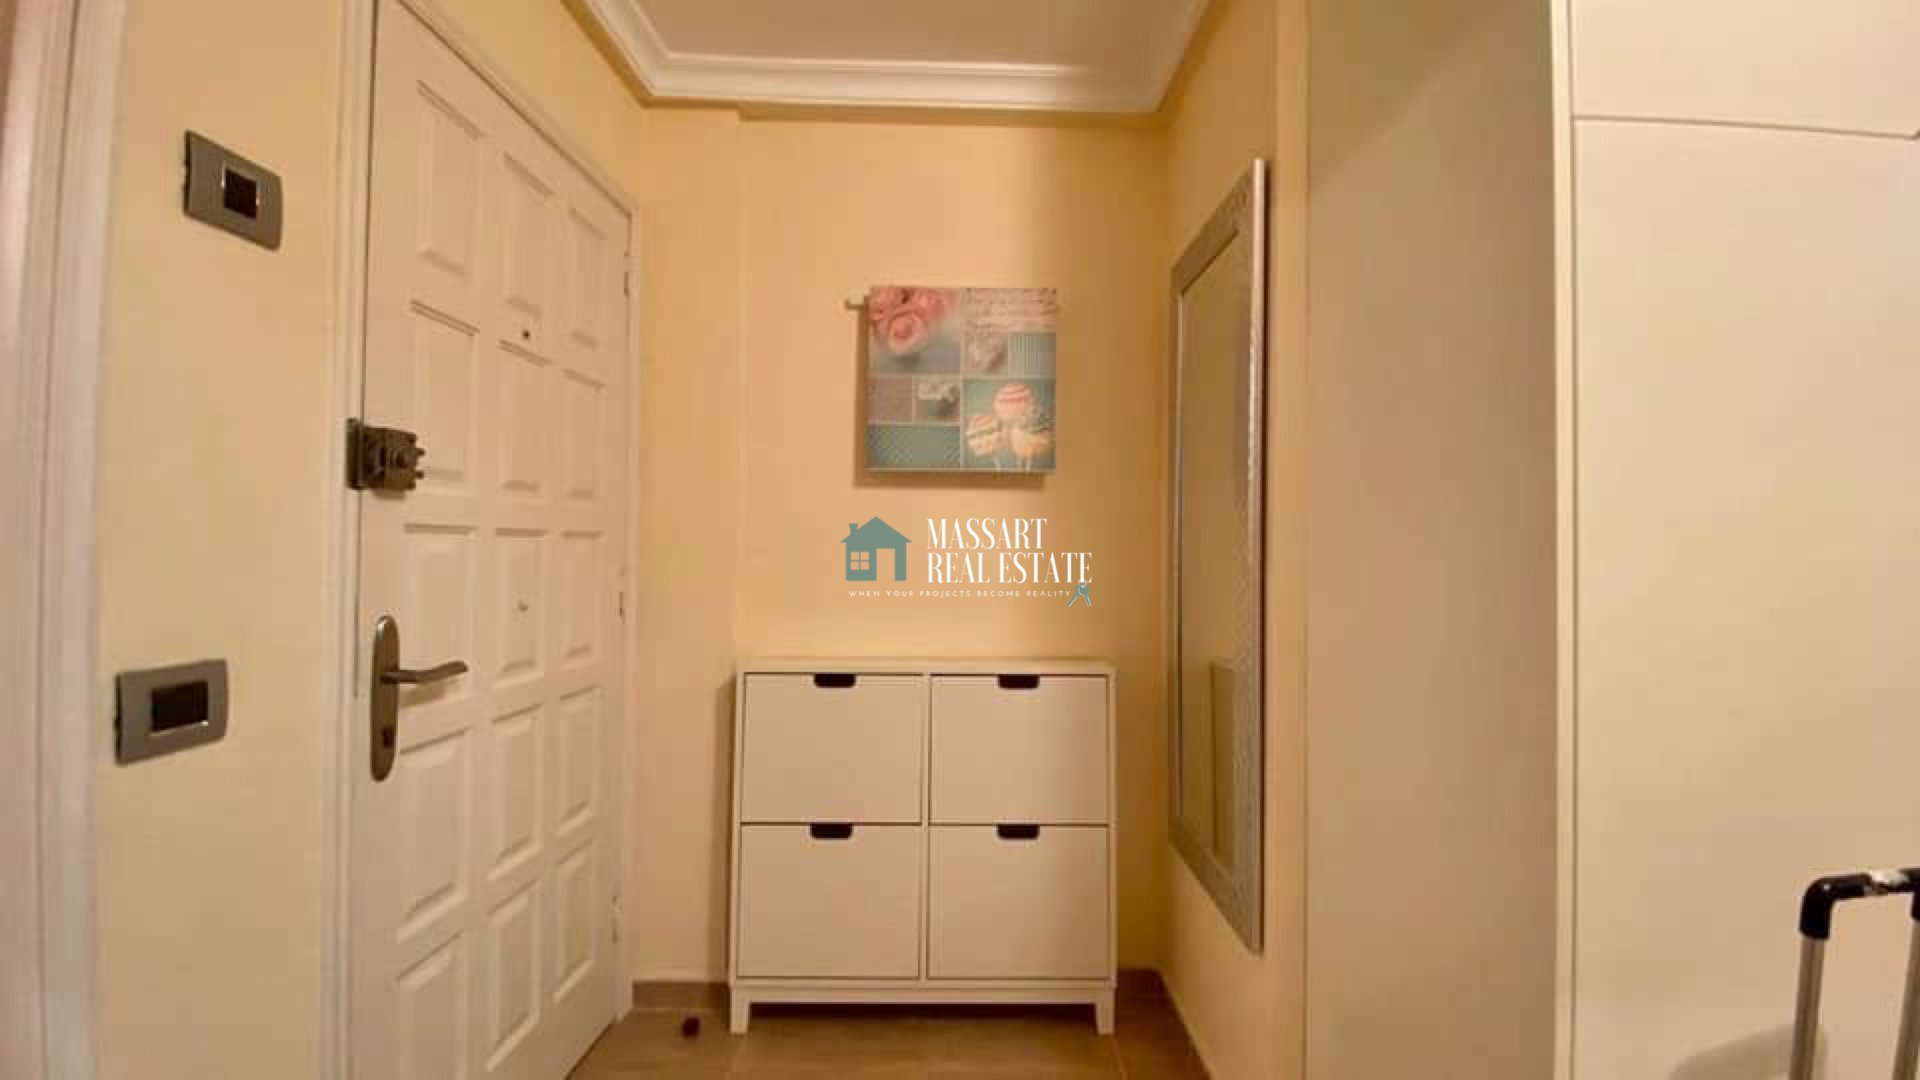 Appartamento recentemente ristrutturato e completamente arredato, situato a Los Cristianos, nel complesso residenziale Cristian Playa.